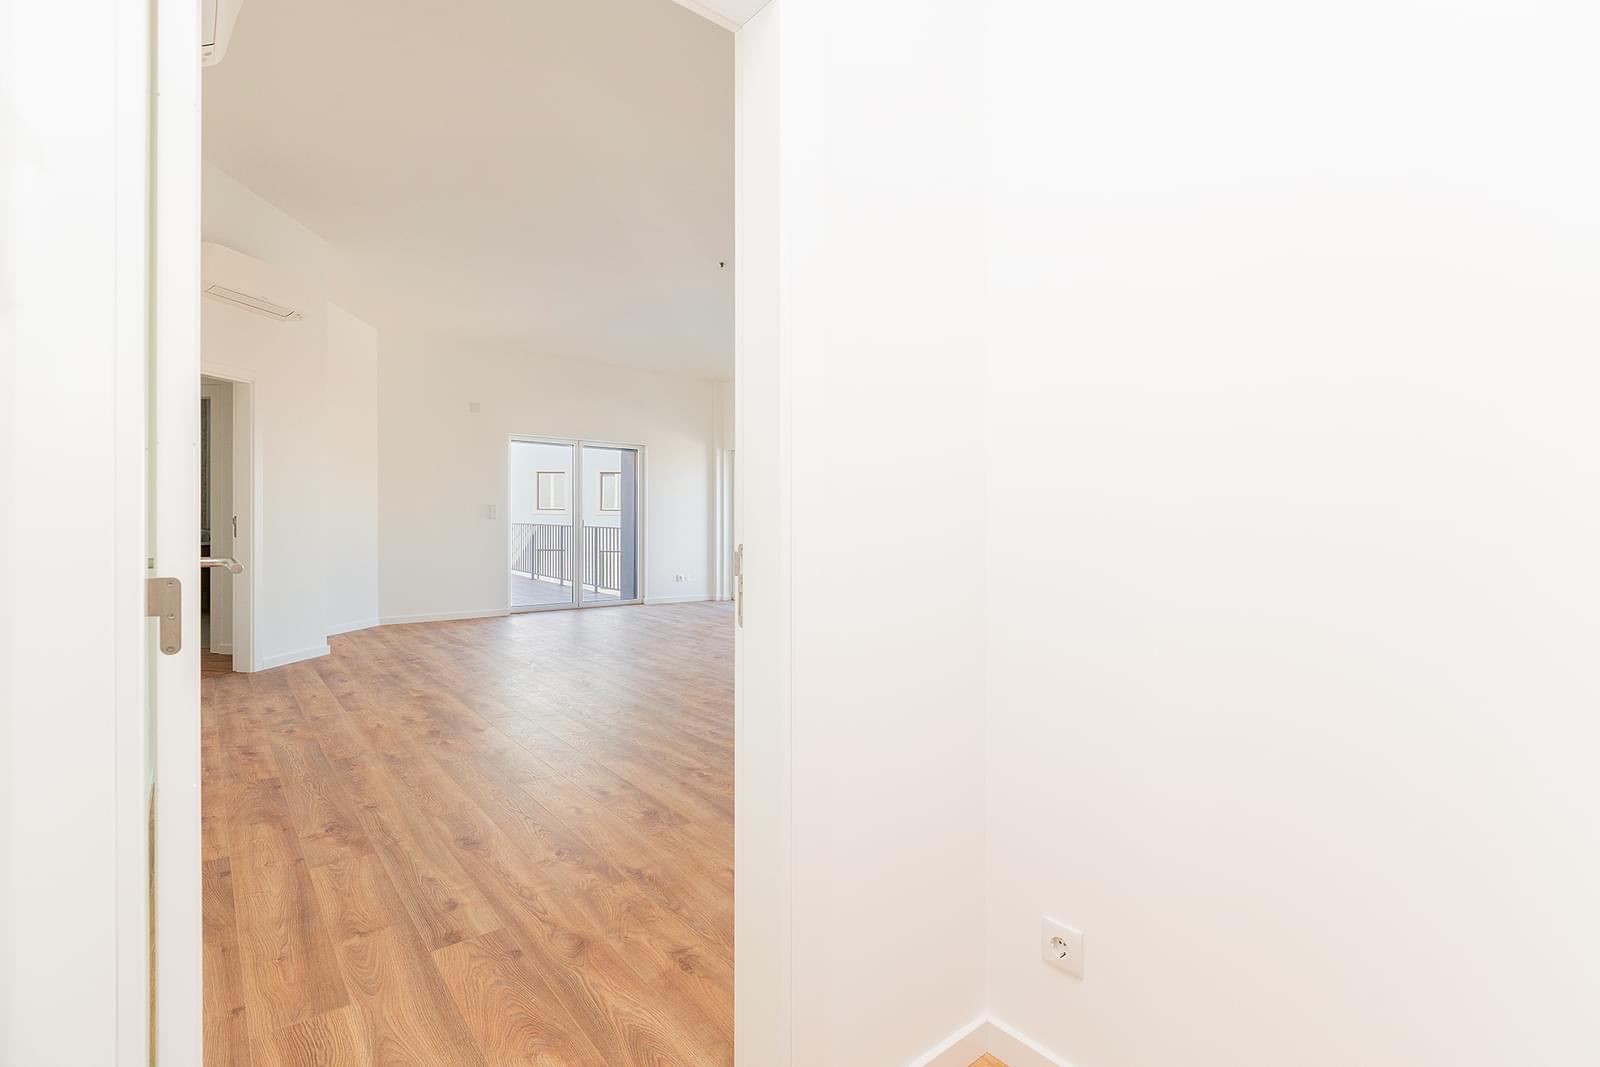 pf18413-apartamento-t1-lisboa-9085364c-1964-4887-b5d8-323a1cd15709